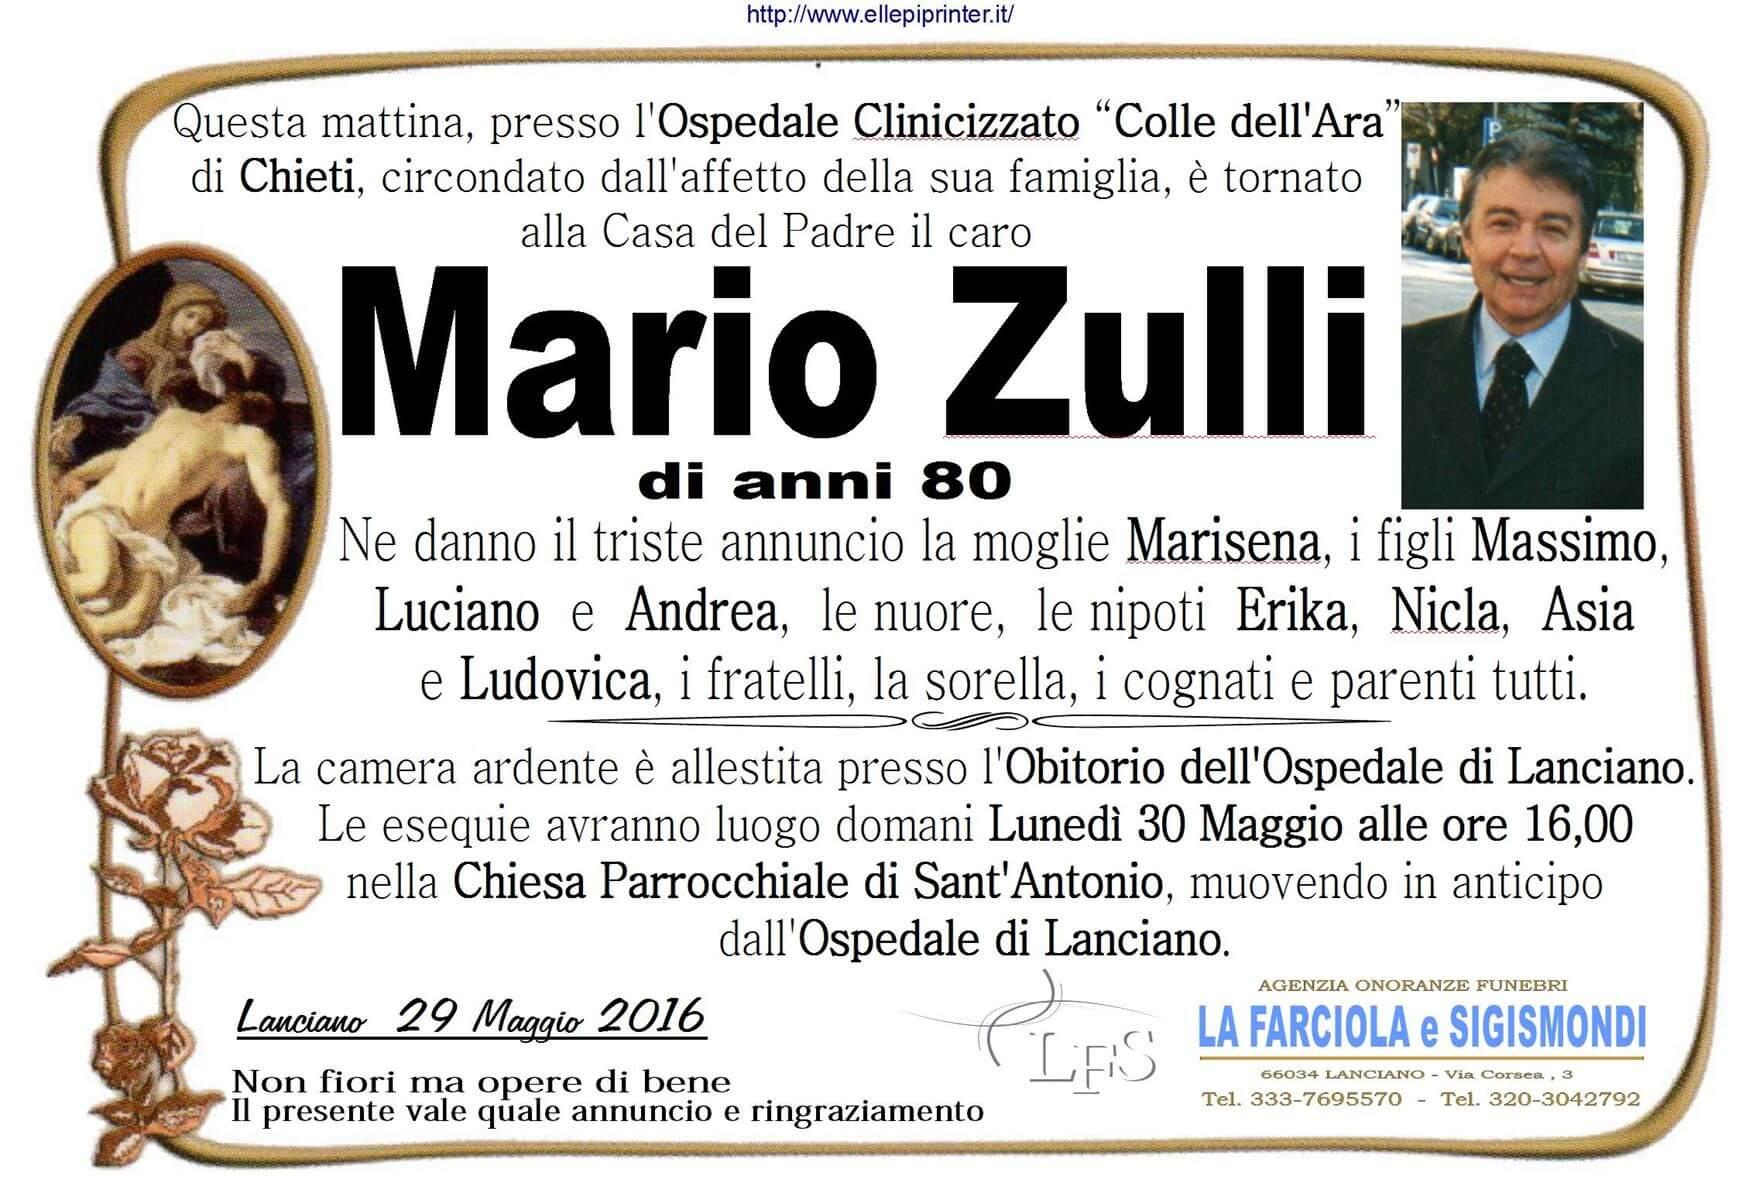 MANIFESTO ZULLI MARIO